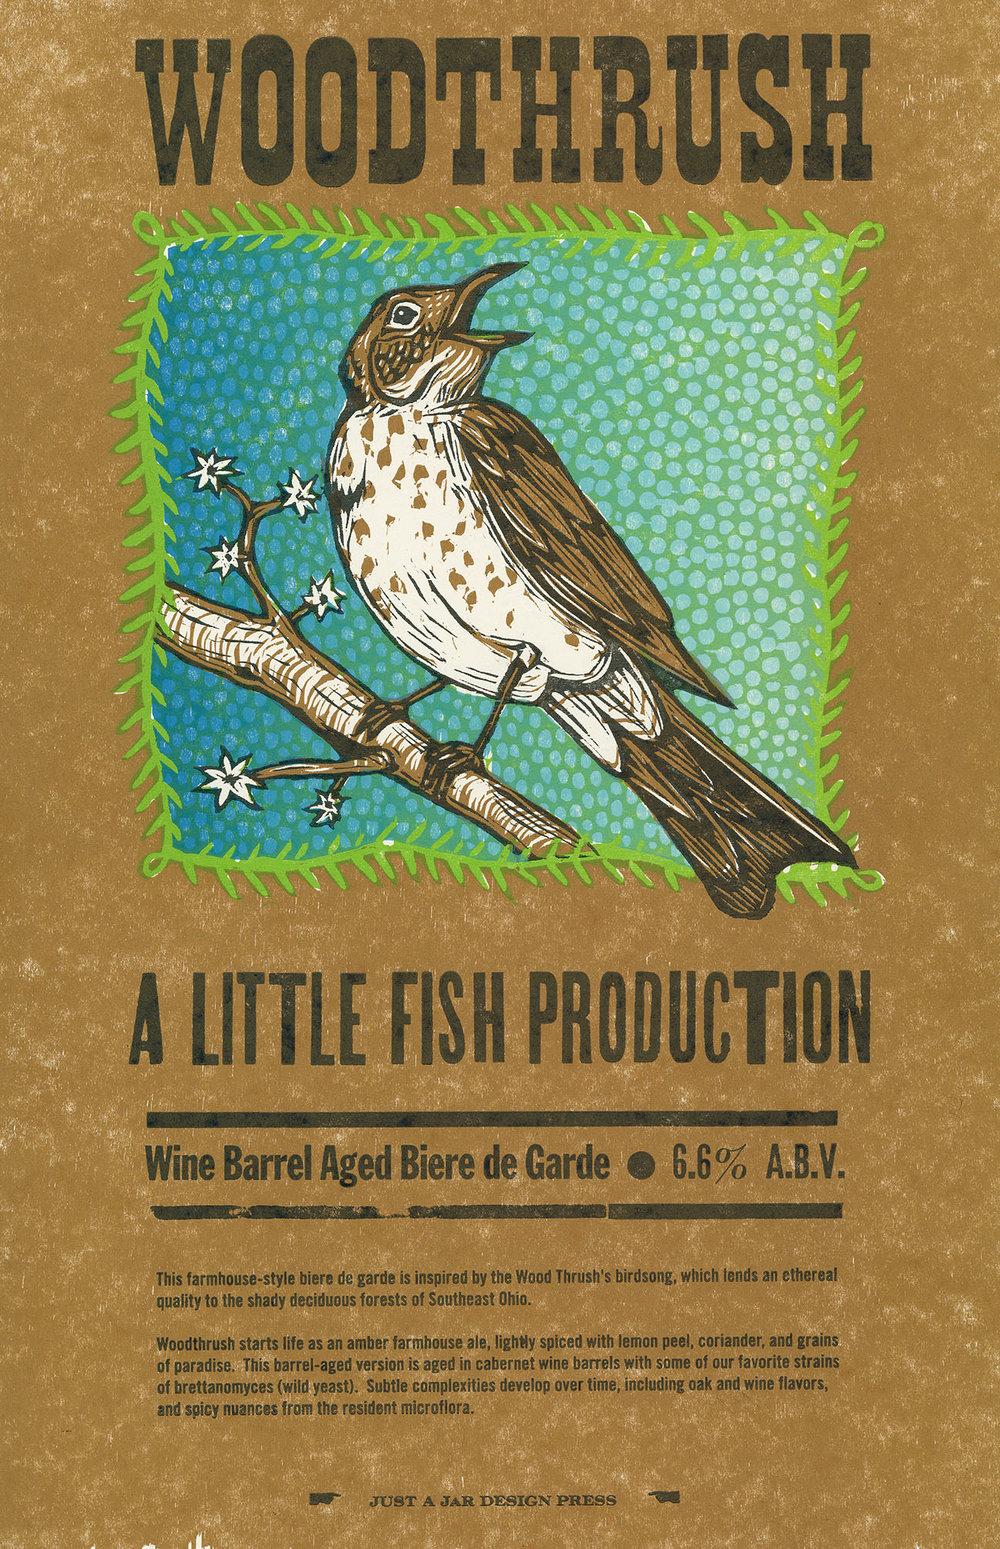 LittleFish_WoodthrushPoster.jpg